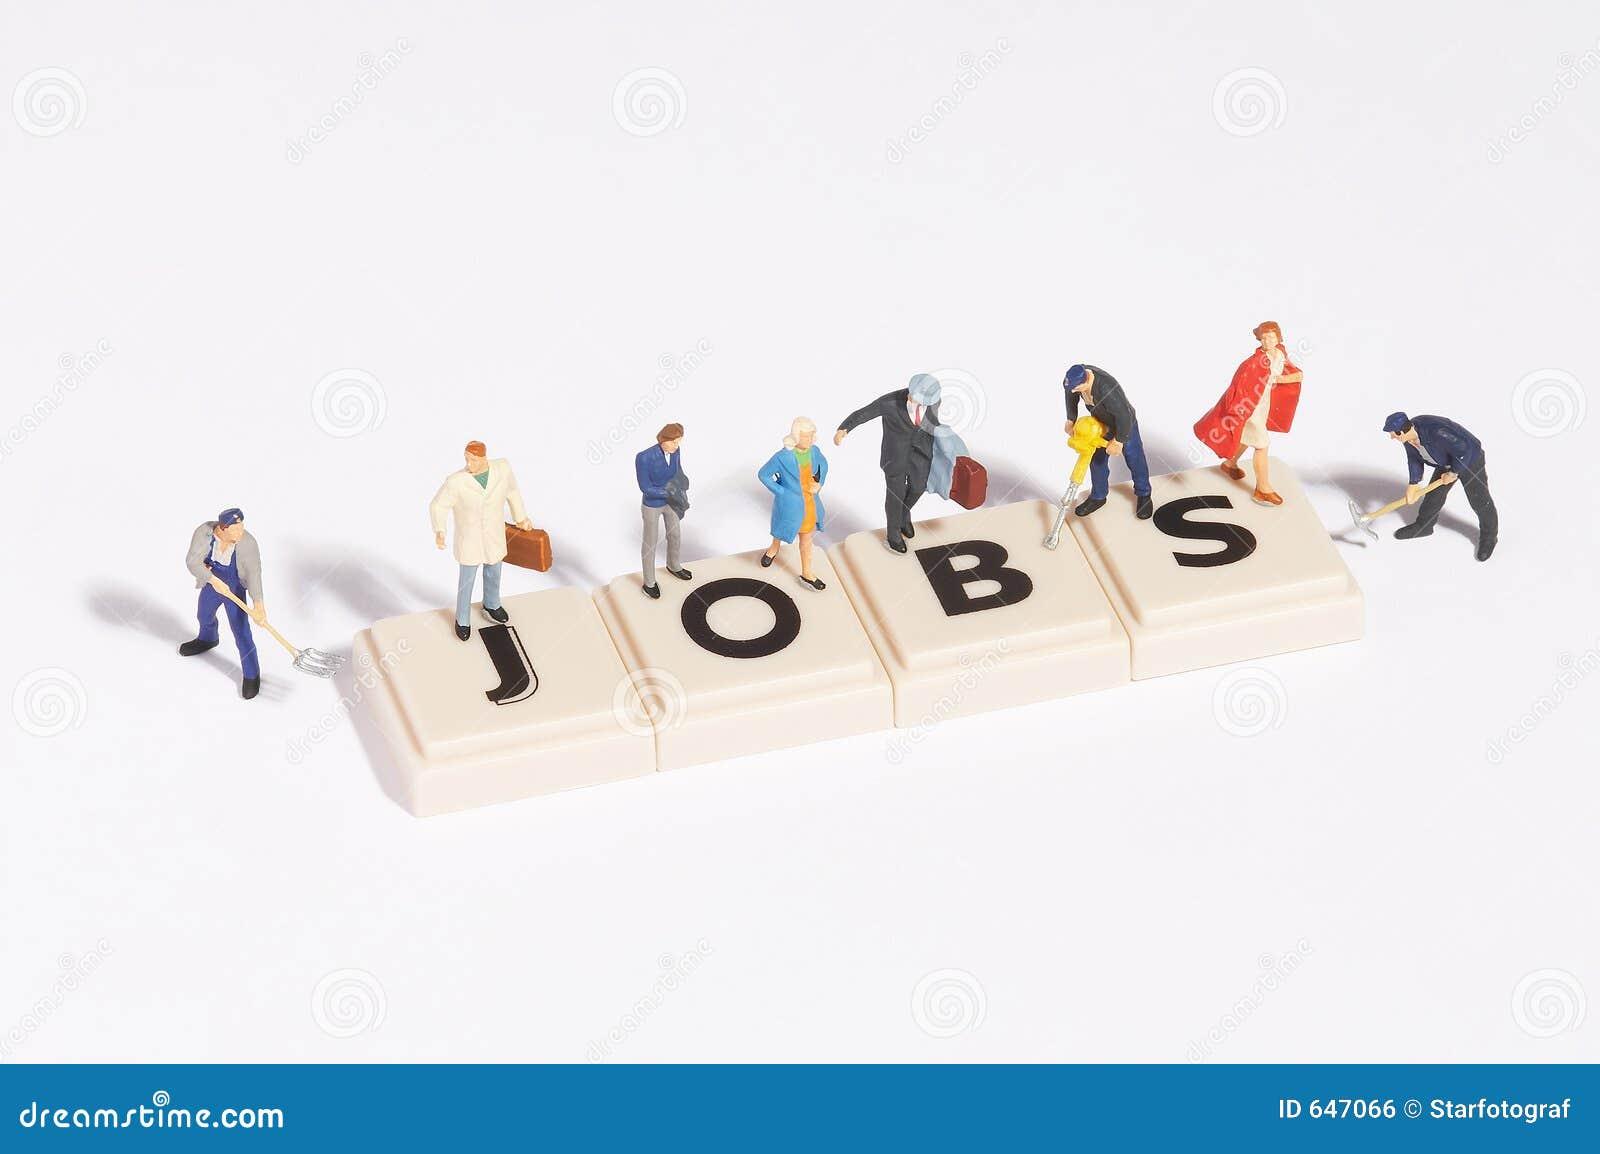 Wordgames- jobs